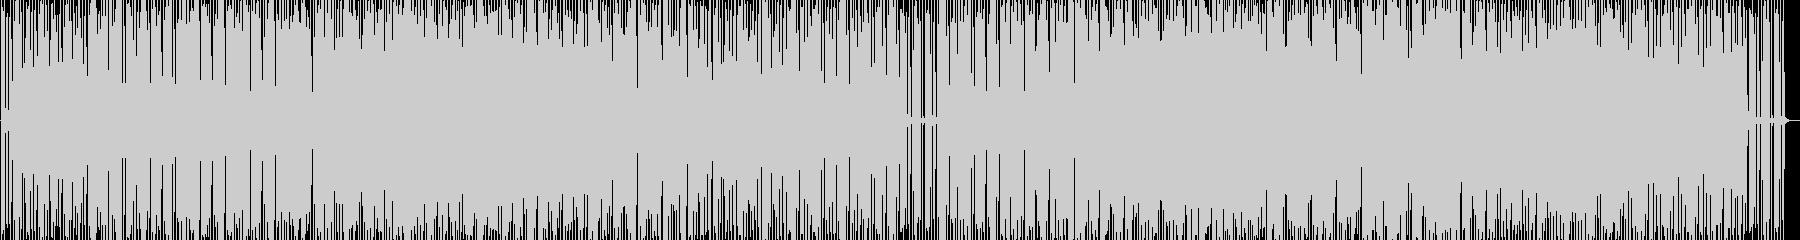 コマーシャル用の音楽の未再生の波形